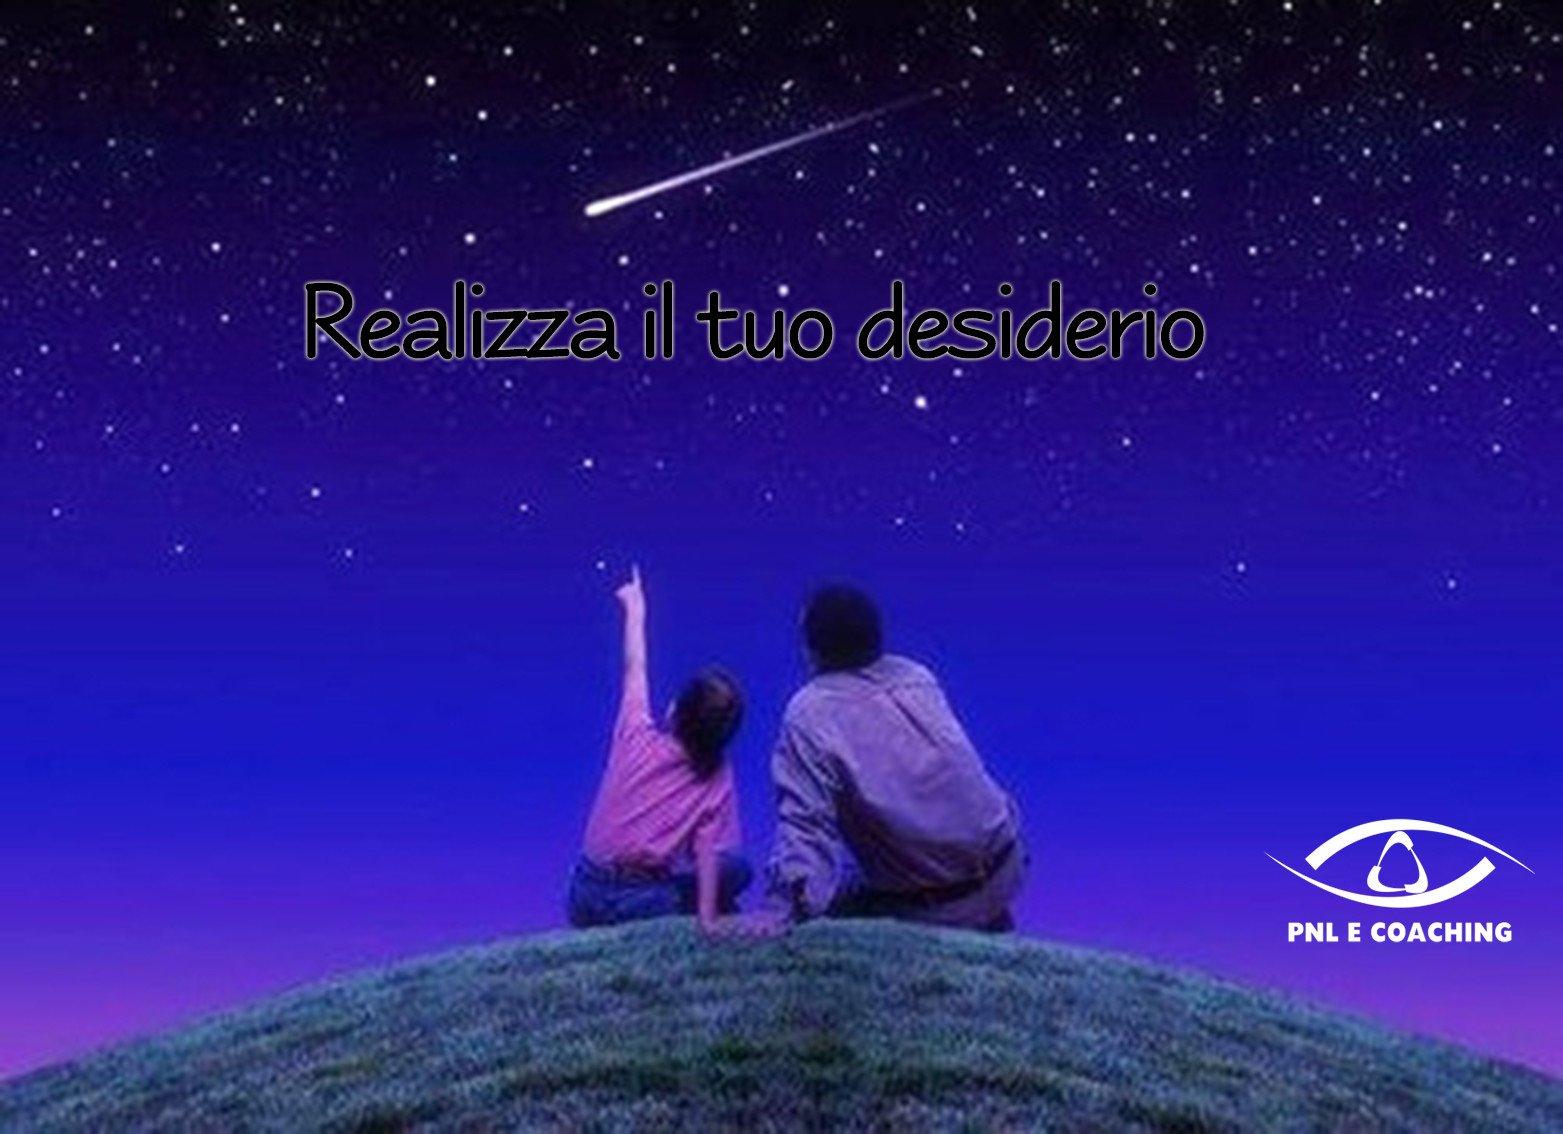 La-notte-dei-desideri-con-la-pnlecoaching